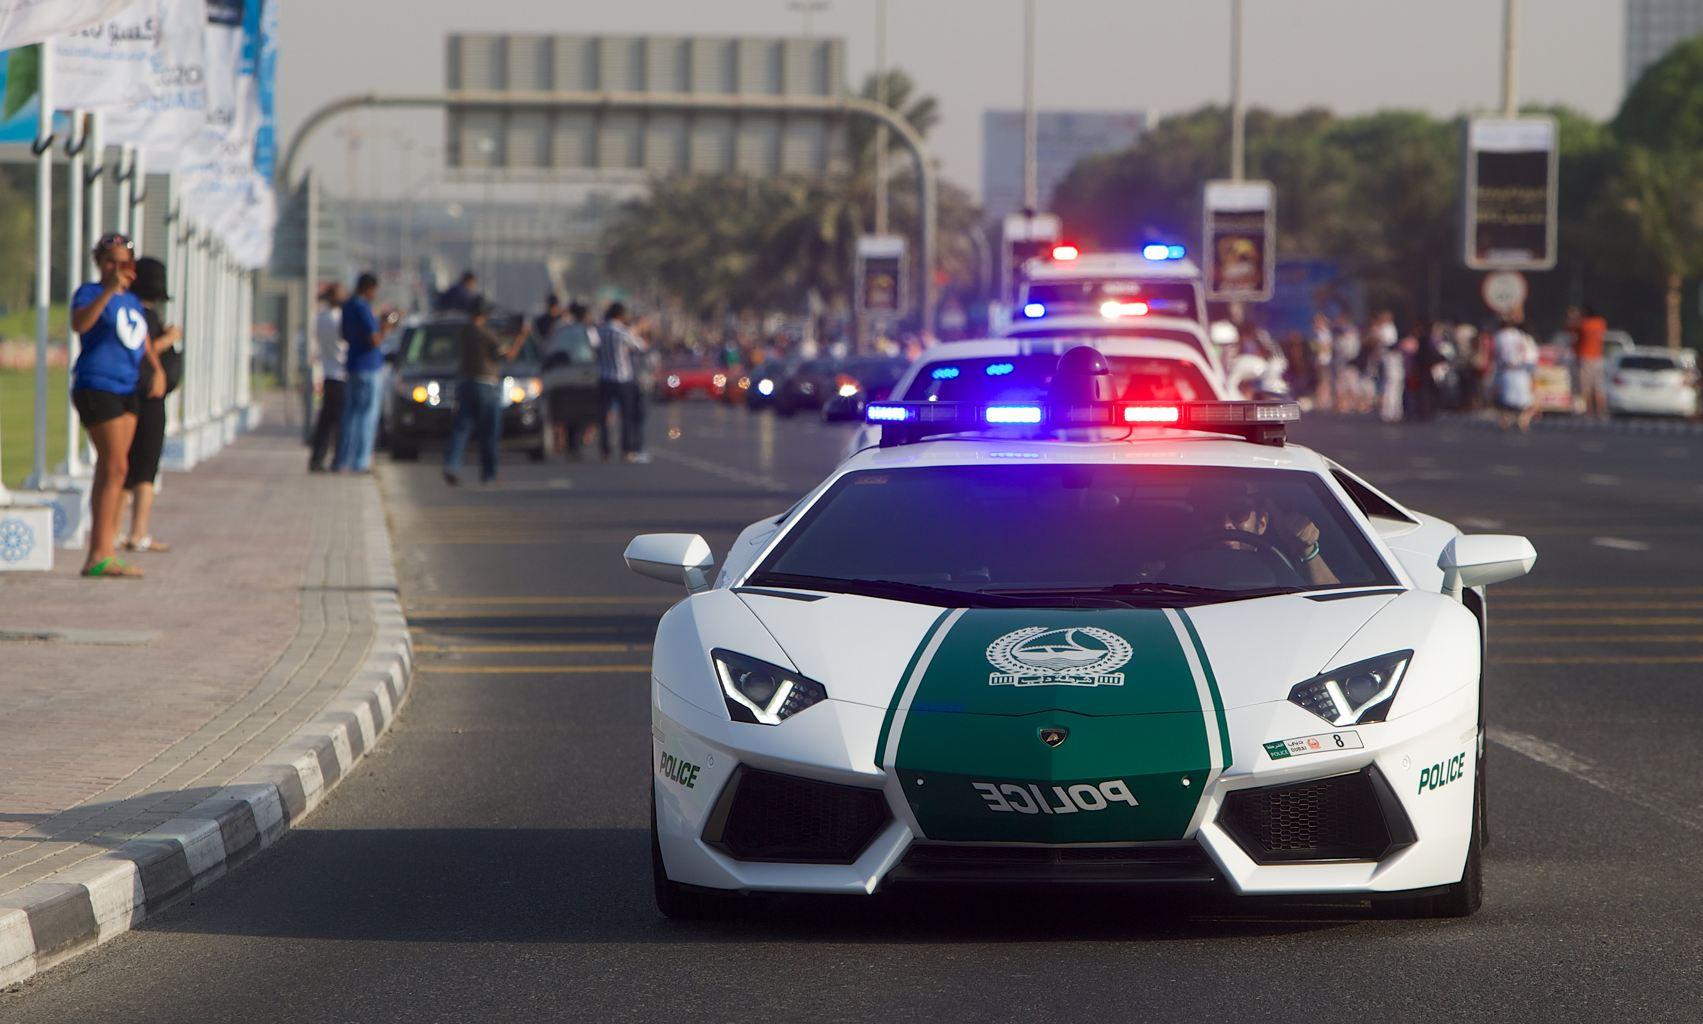 10 Mobil Polisi Tercepat Di Dunia Lo Gak Akan Bisa Kabur Kalo Dikejar Genmuda Com